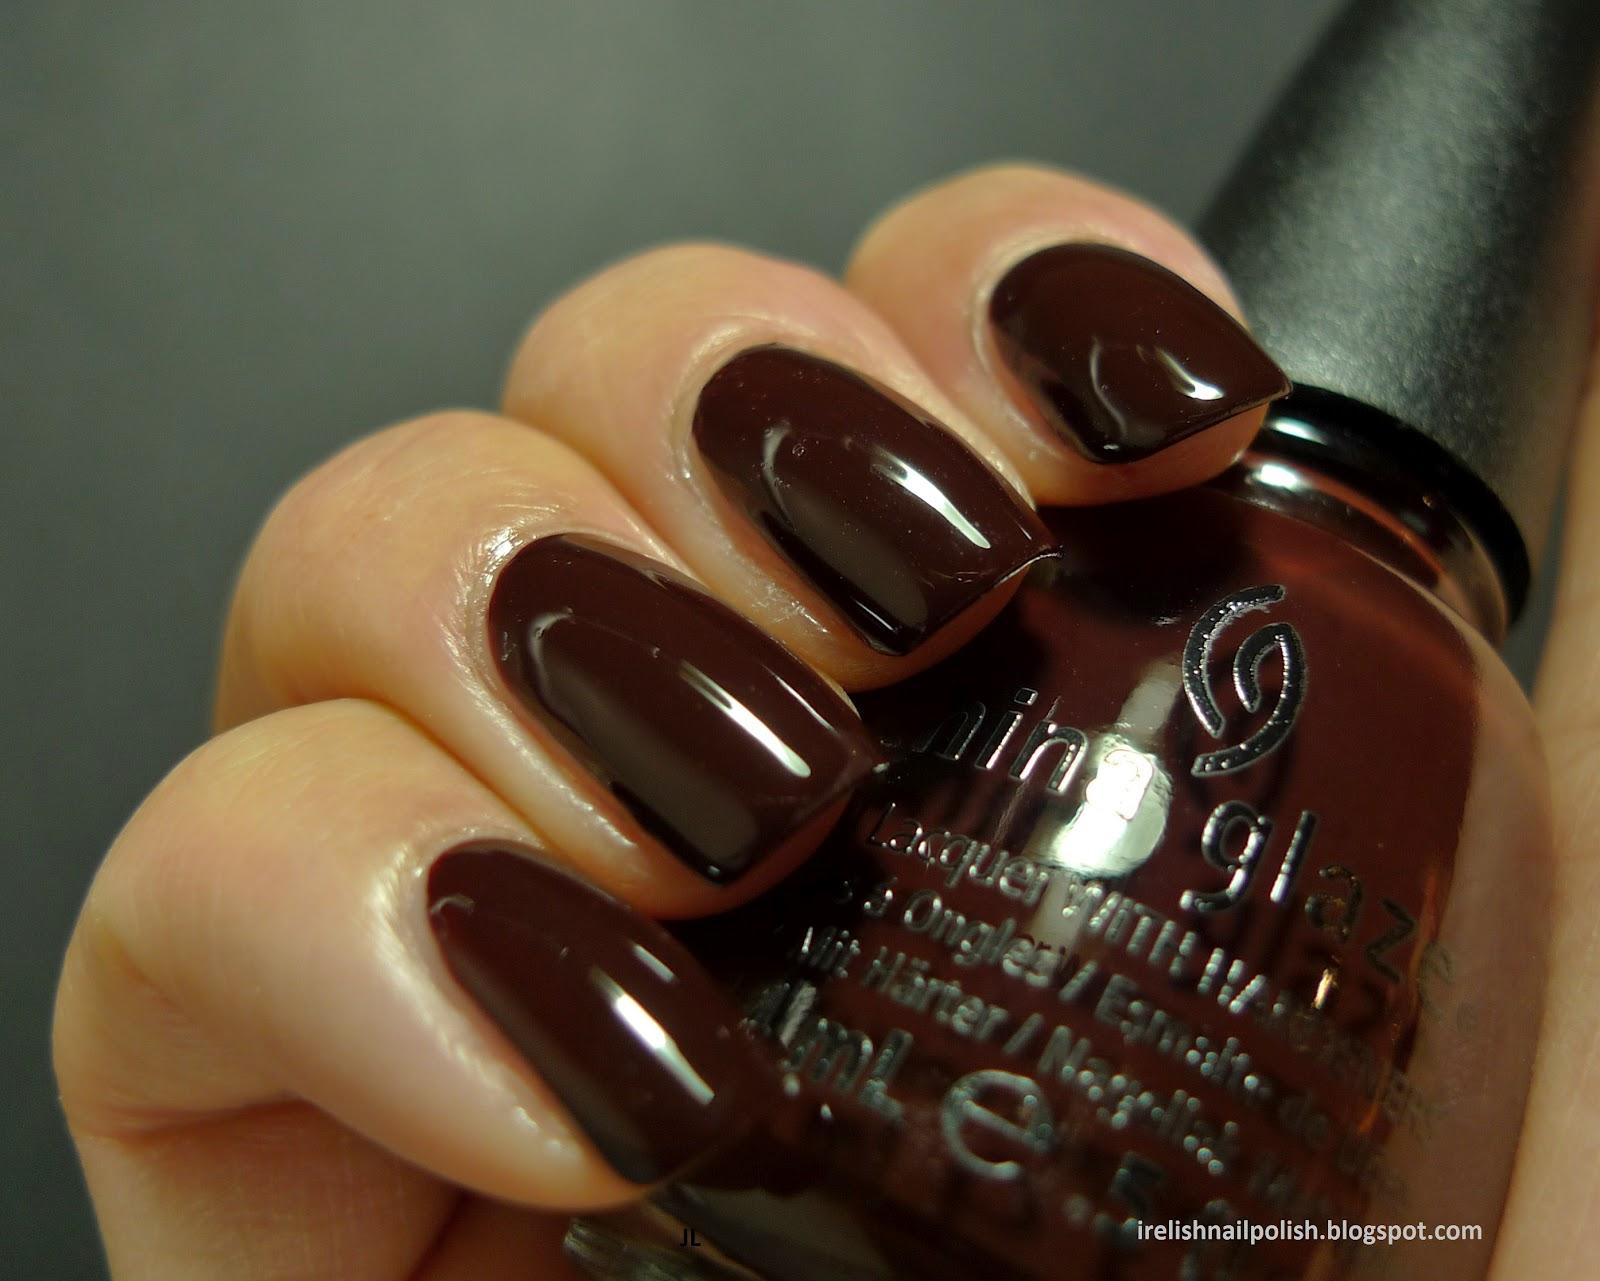 I Relish Nail Polish!: China Glaze - Call of the Wild